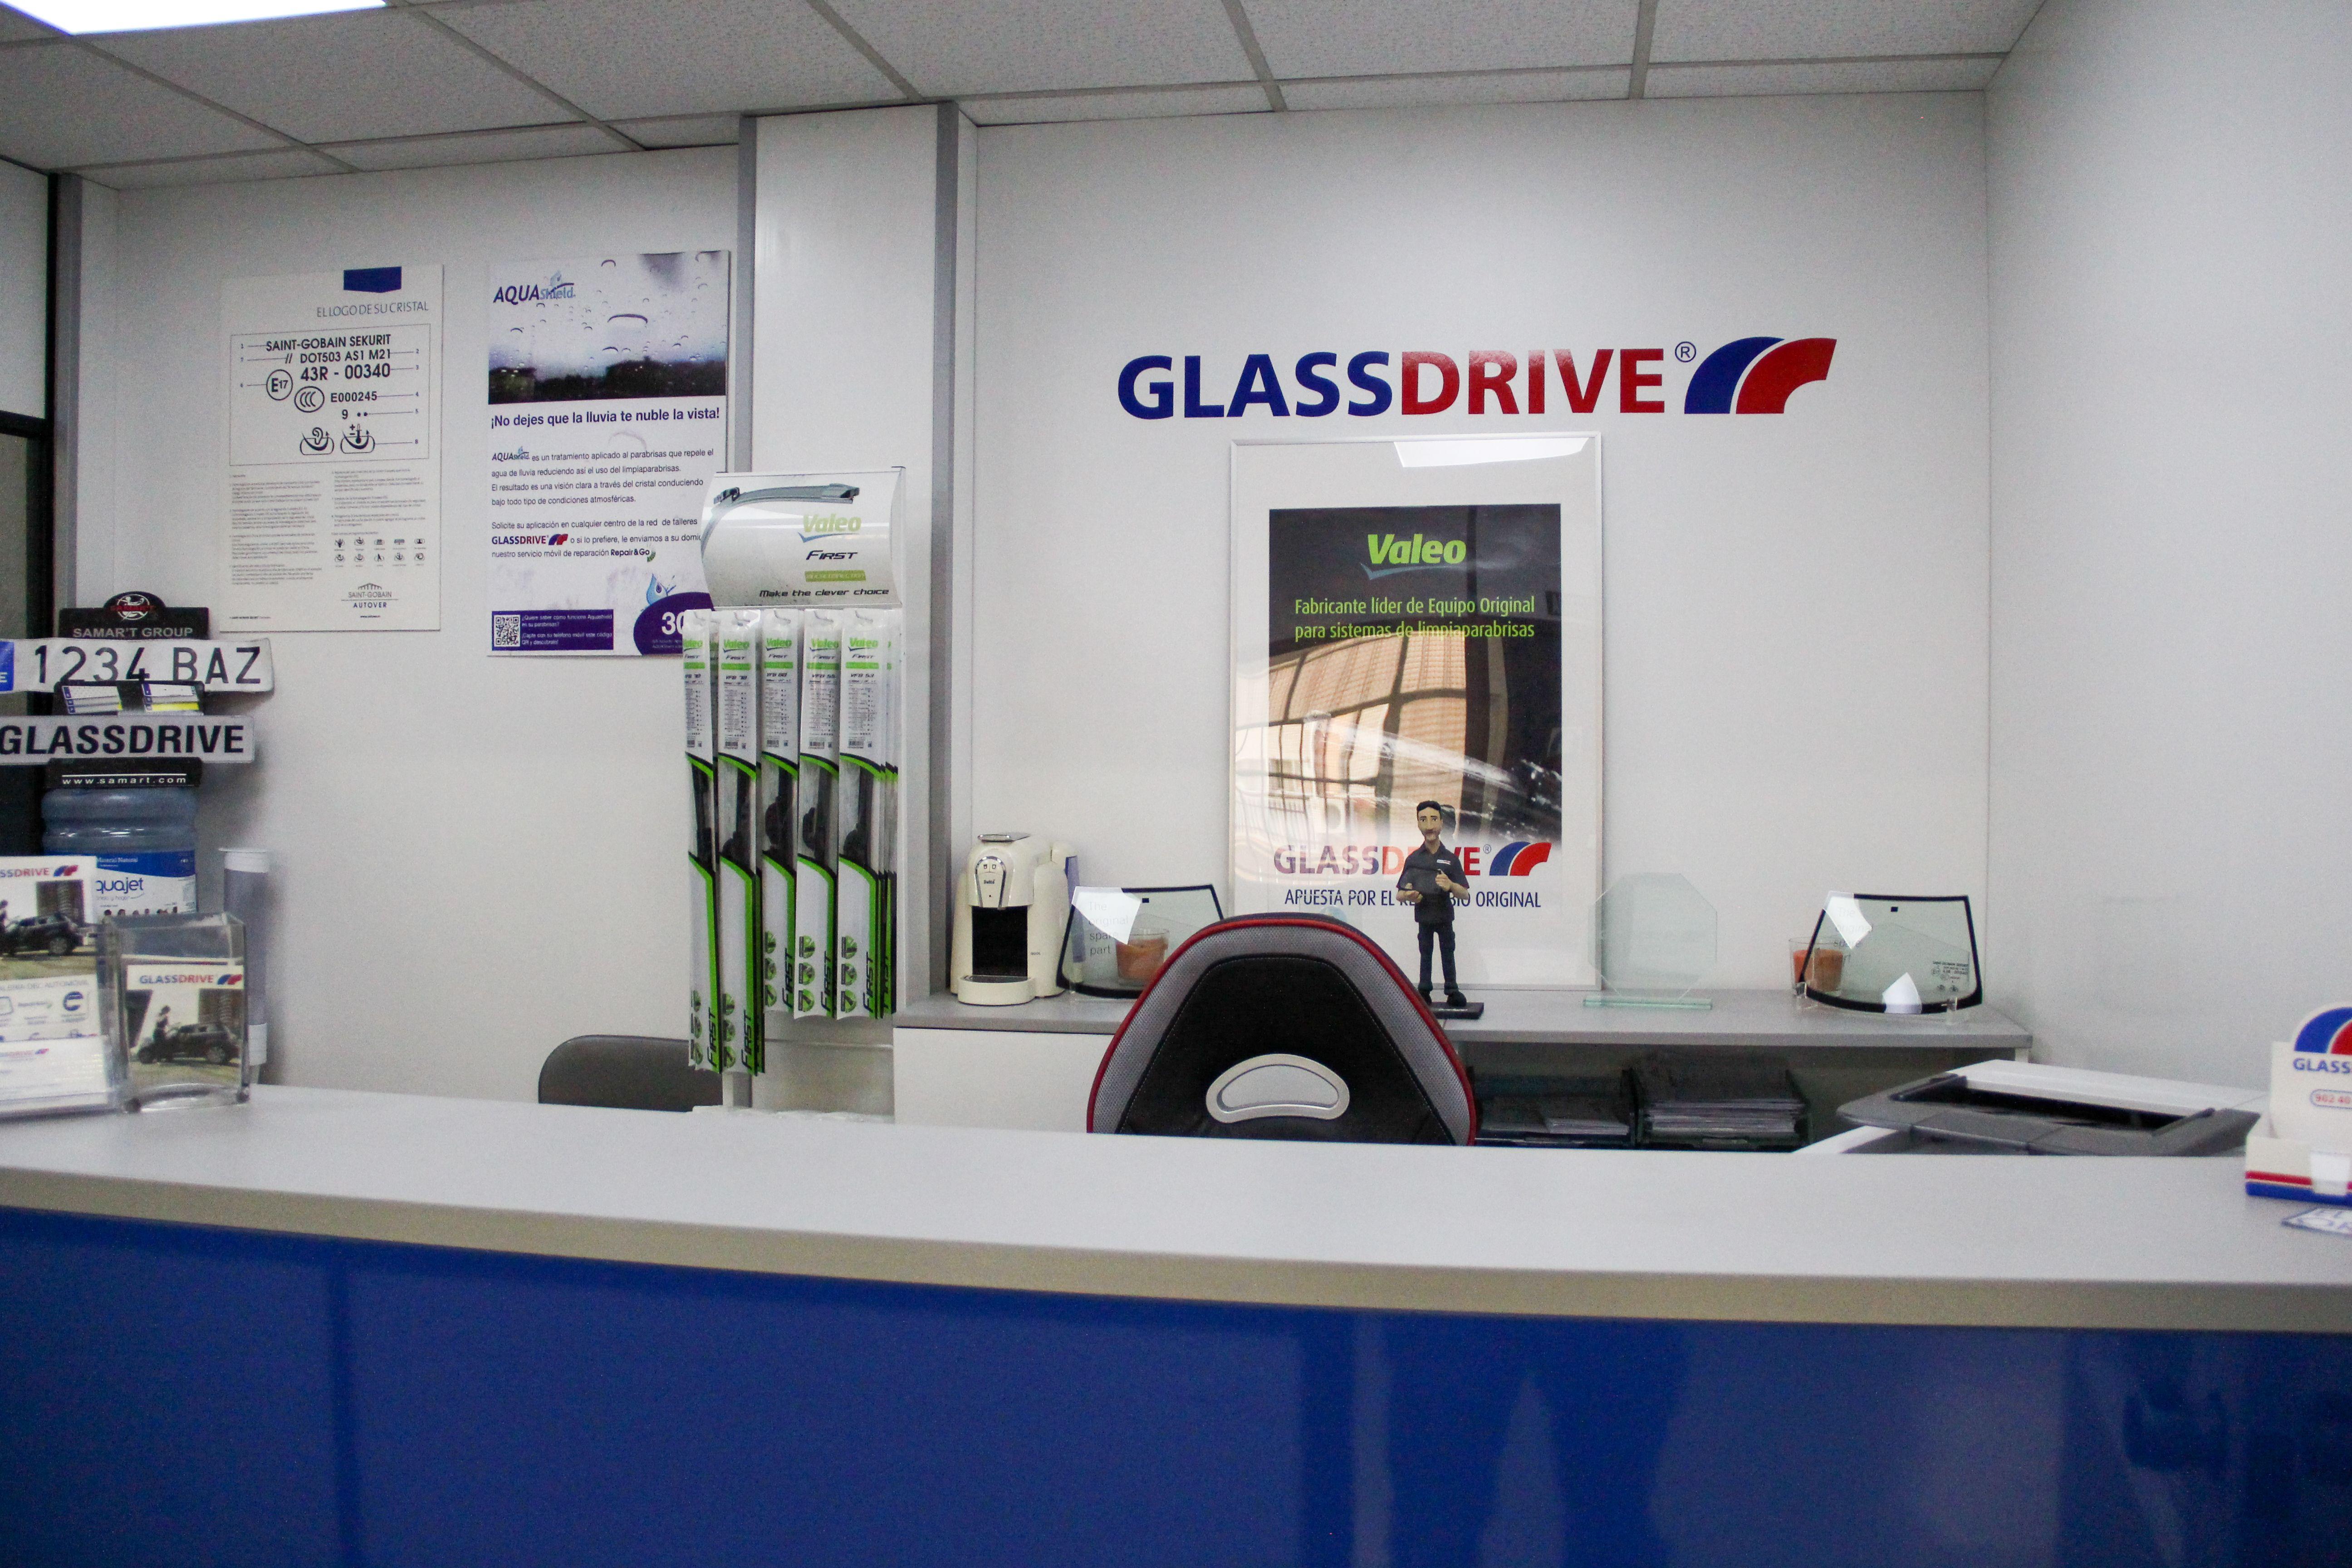 Foto 2 de Expertos en reparación, cambio y tintado de lunas en Getafe | Glassdrive Getafe